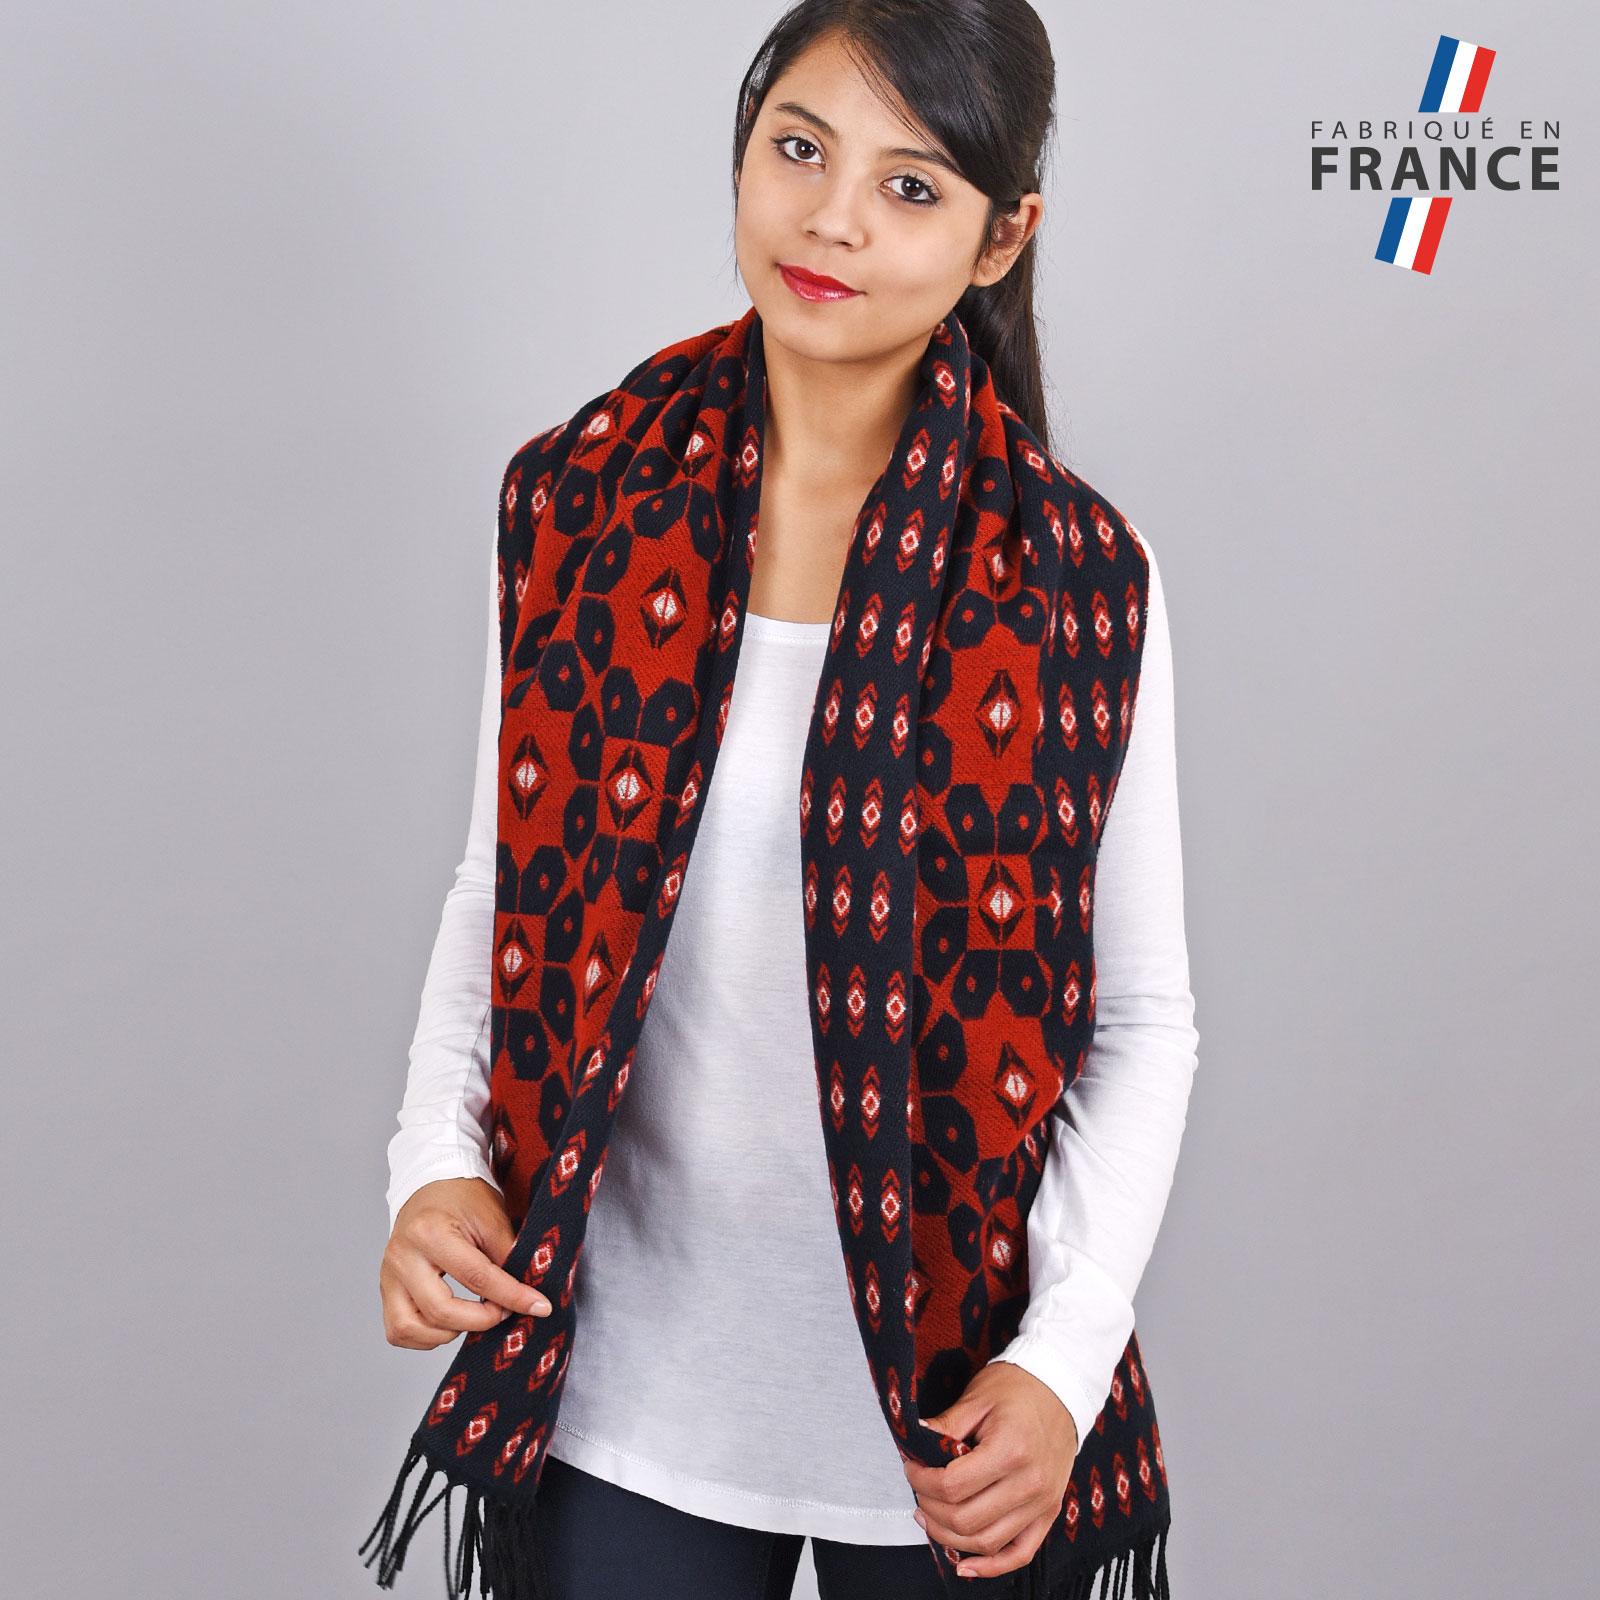 AT-03461-VF16-2-LB_FR-chale-femme-motifs-geometriques-marine-rouge